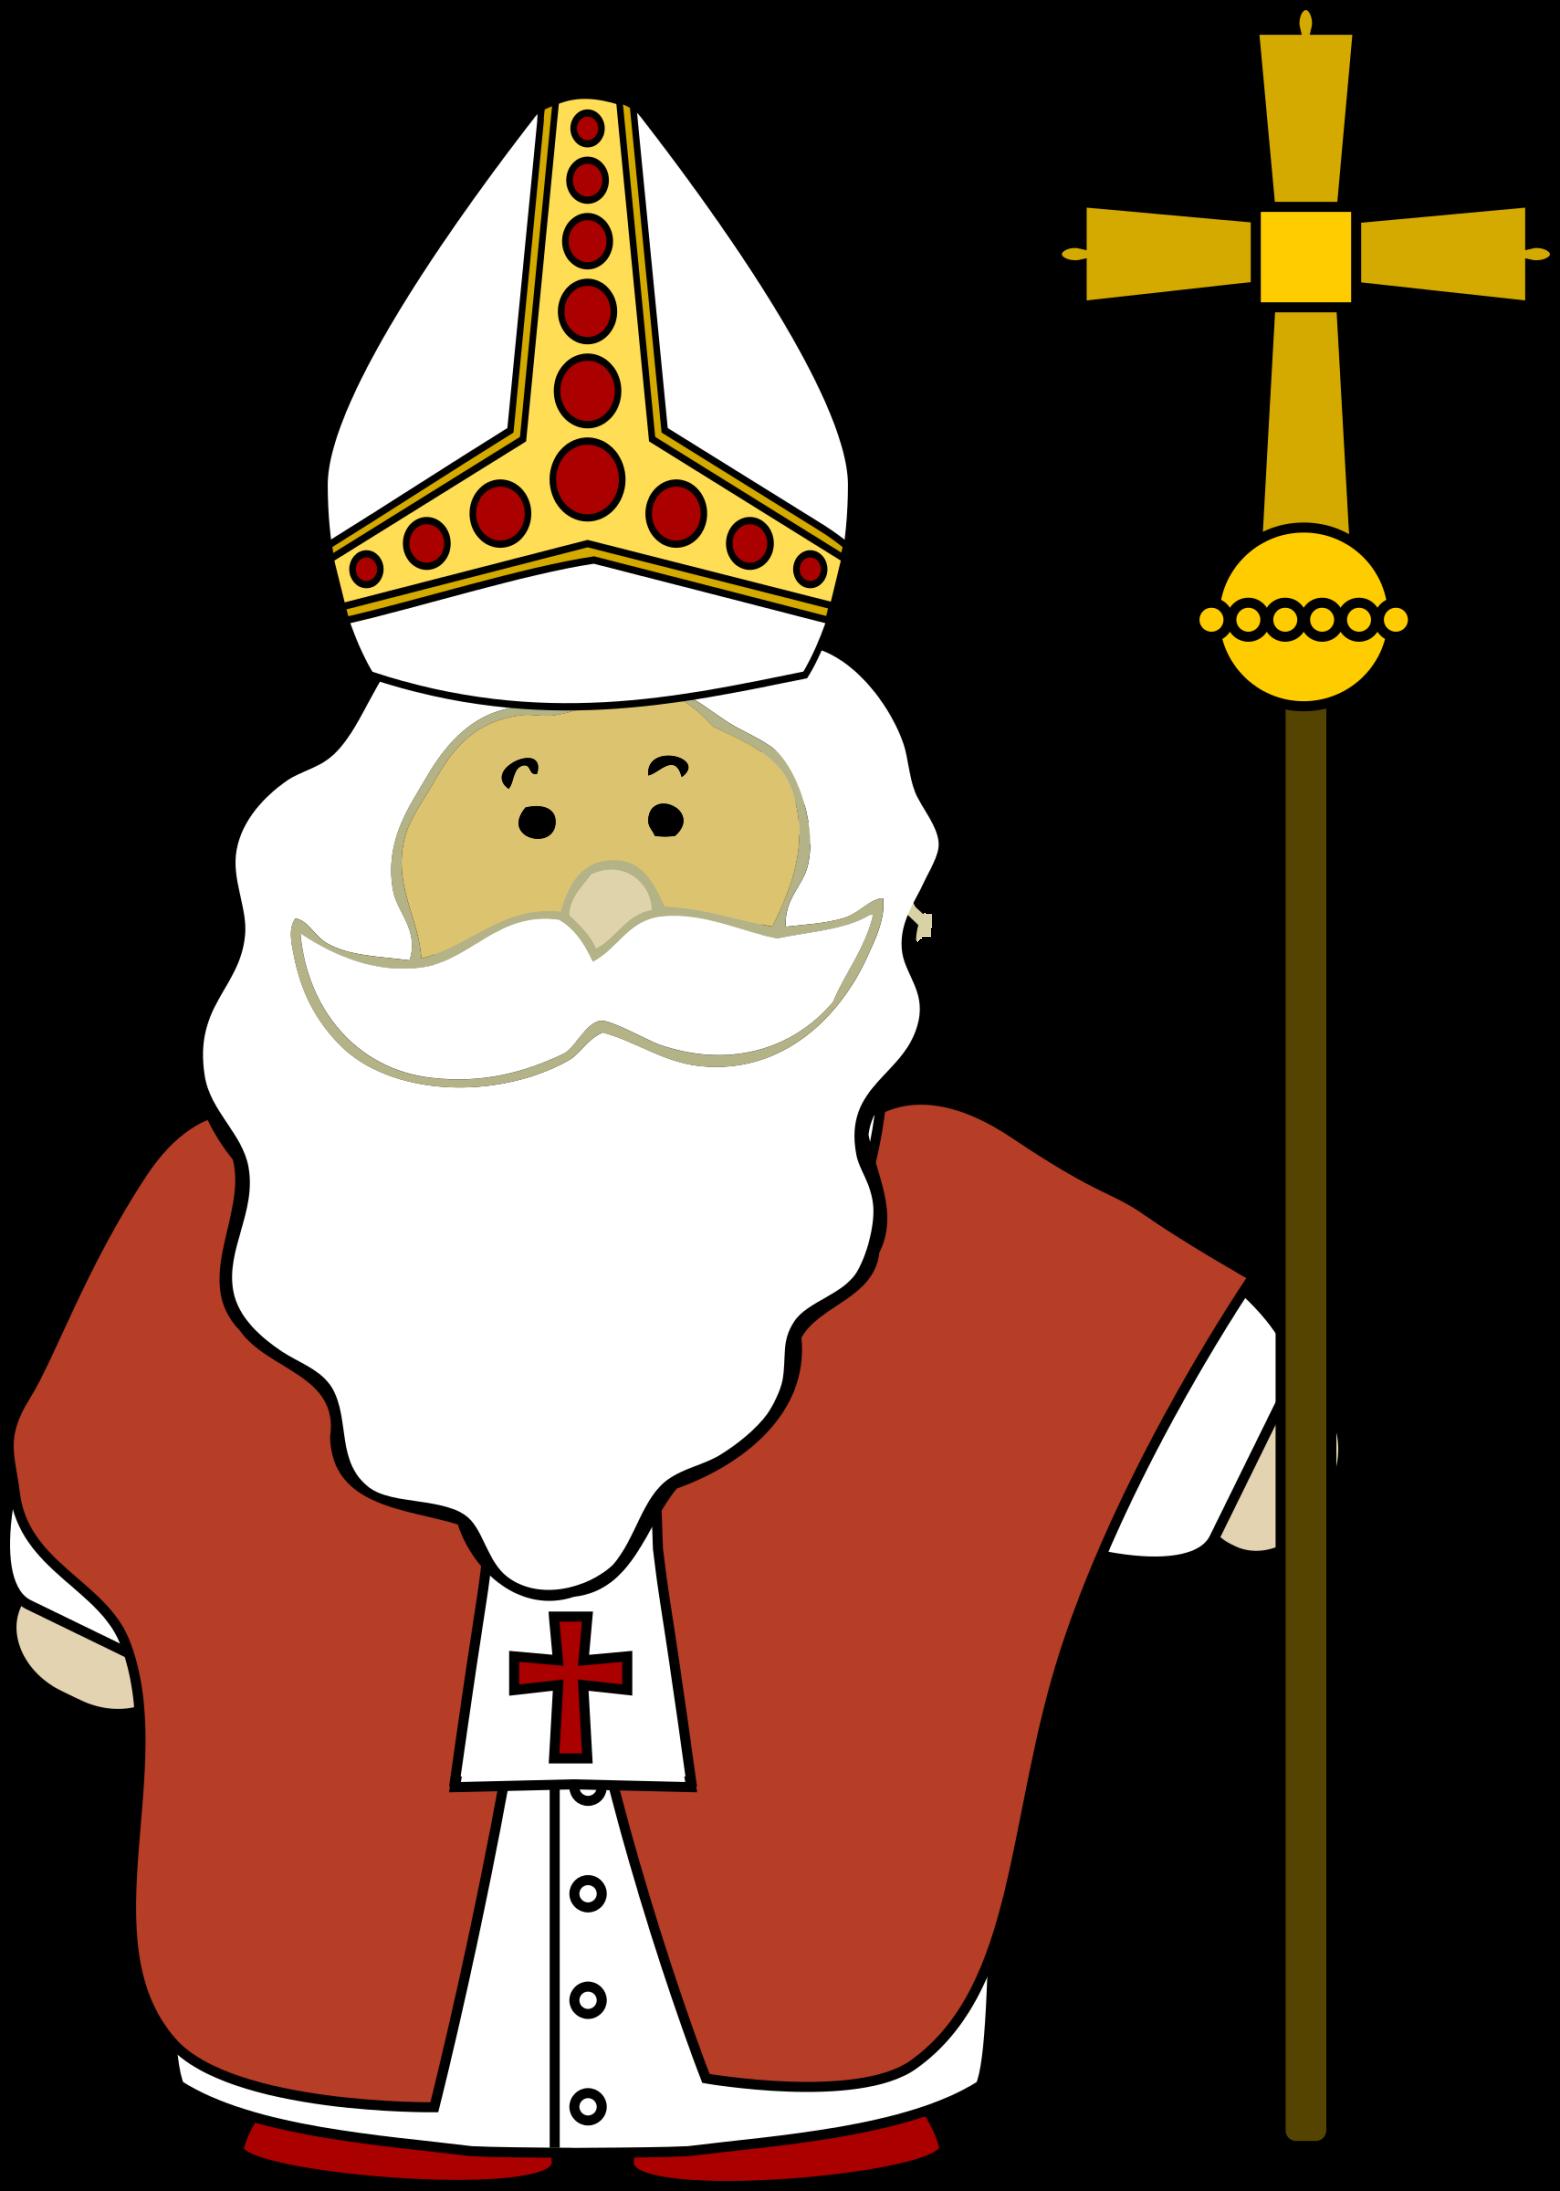 Saint nicolas clipart graphic transparent clipart noel saint-nicolas | images gratuites et libres de ... graphic transparent